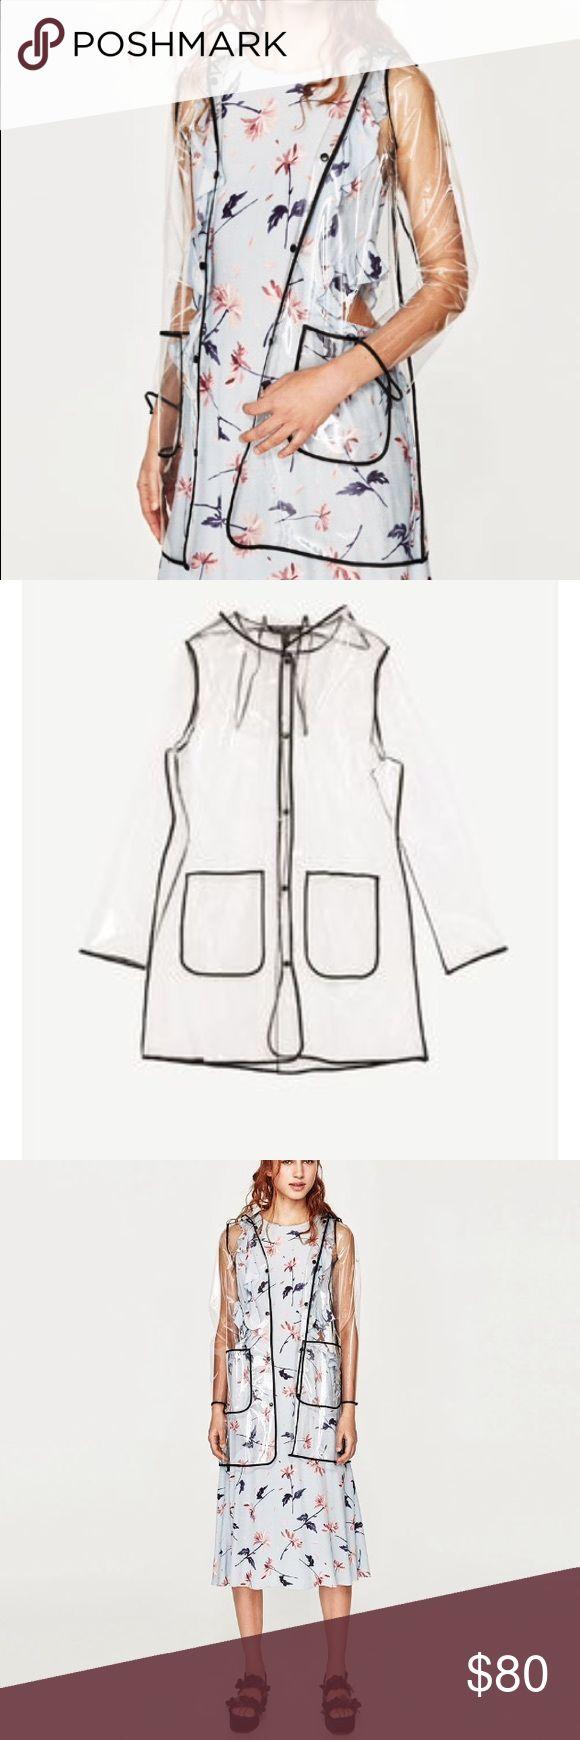 🆕 ZARA Transparent raincoat. Brand new with tags Zara Jackets & Coats